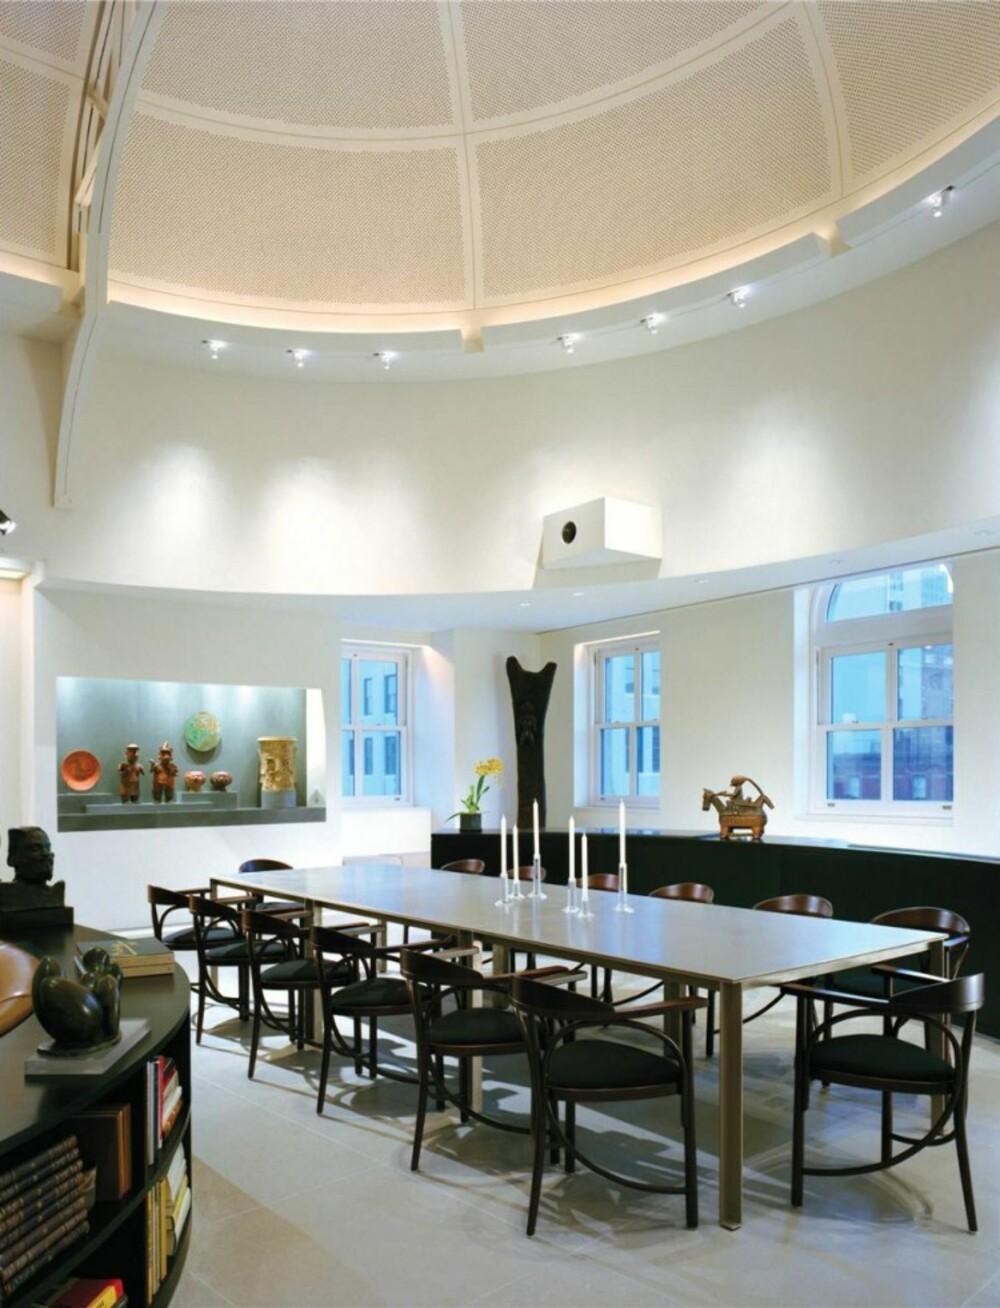 SPISEPLASS: Det er rom til mange gjester rundt spisebordet. Legg merke til det vakre taket.